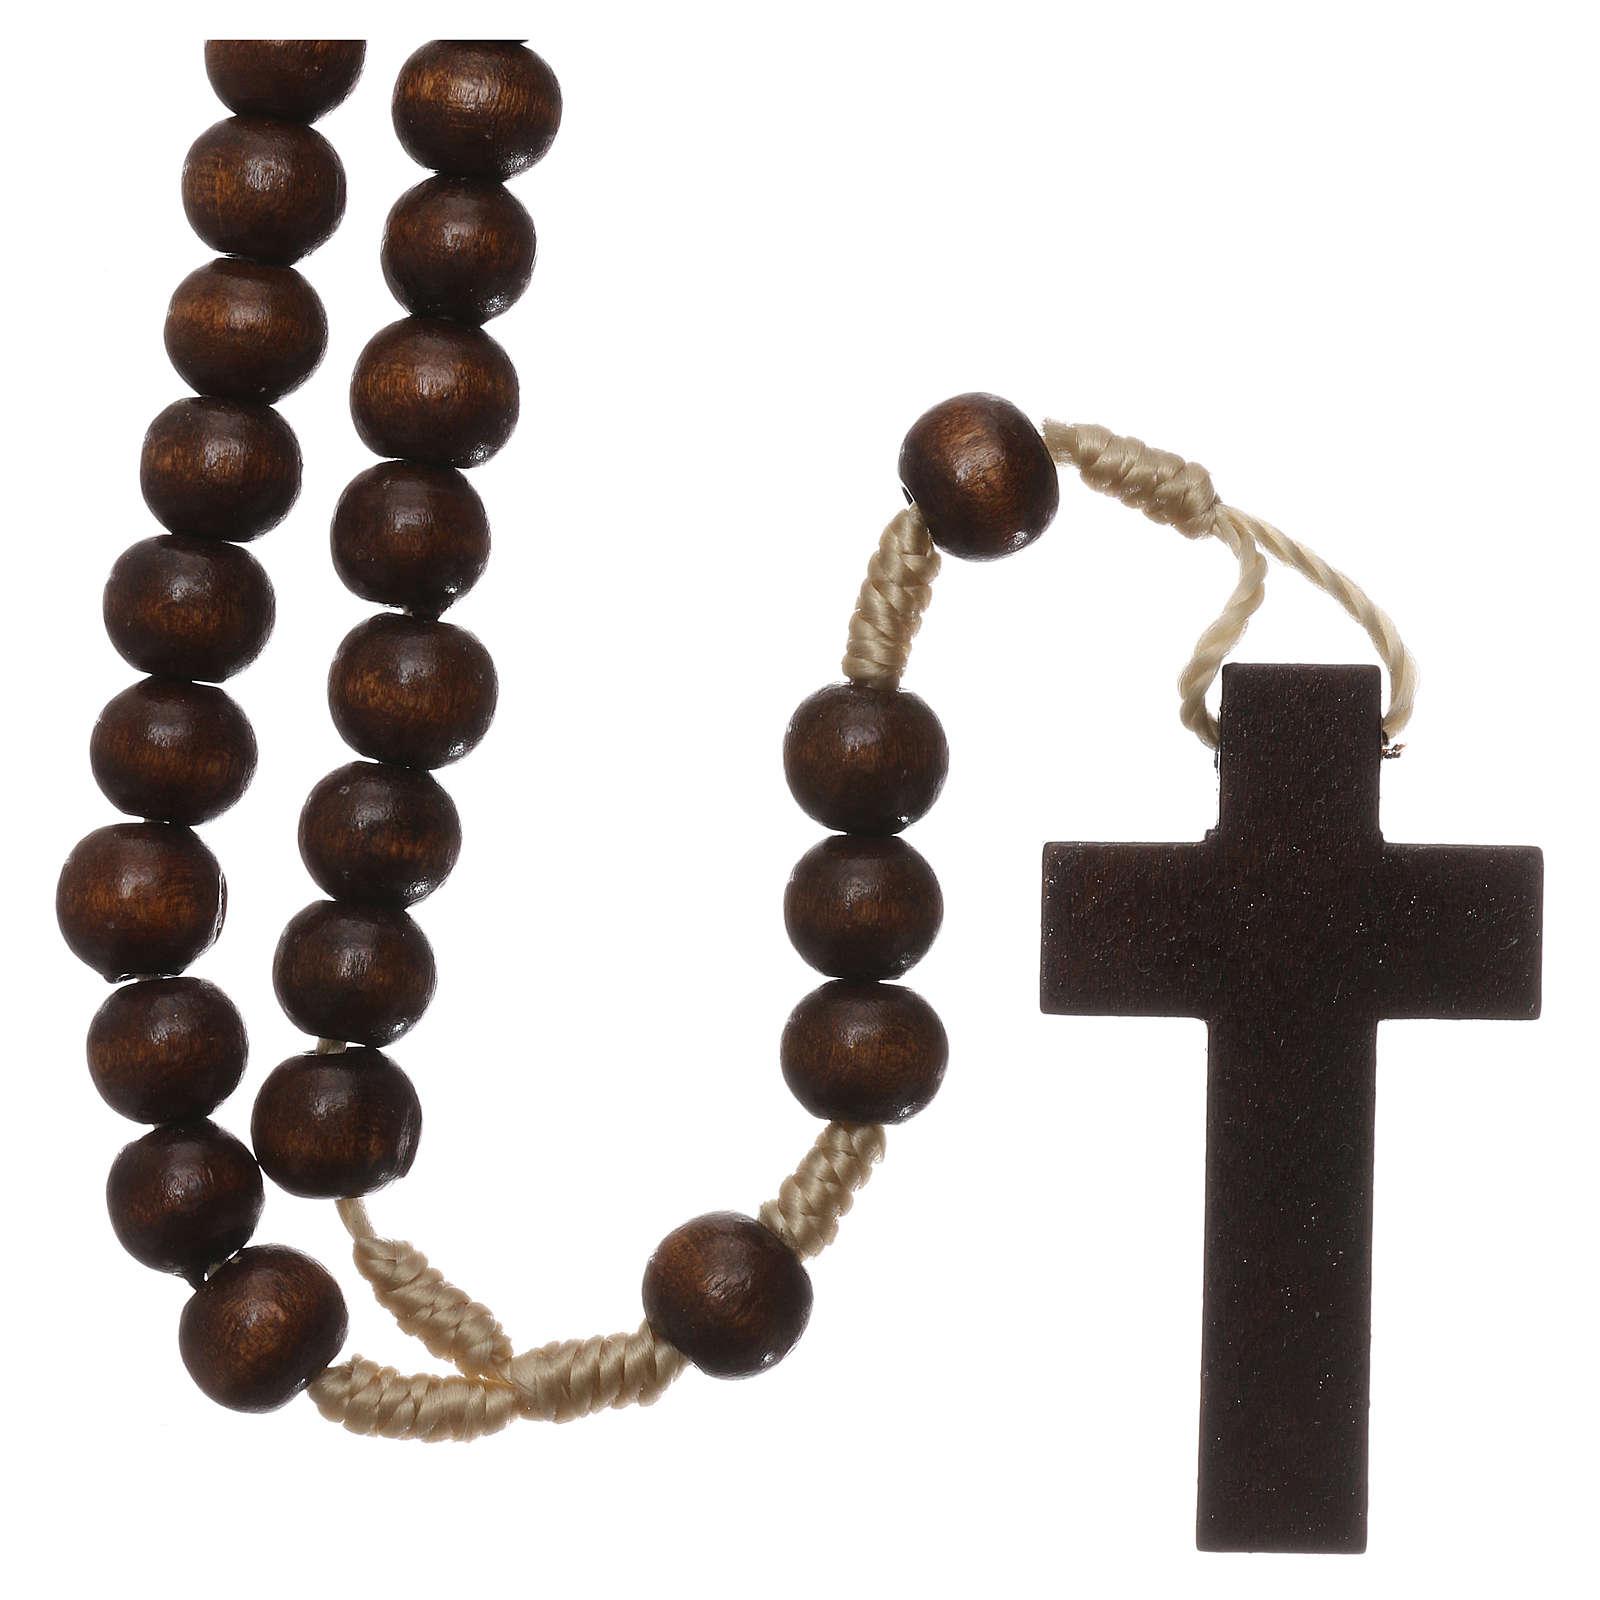 Rosario de madera marrón oscuro 6 mm ligadura de seda 4